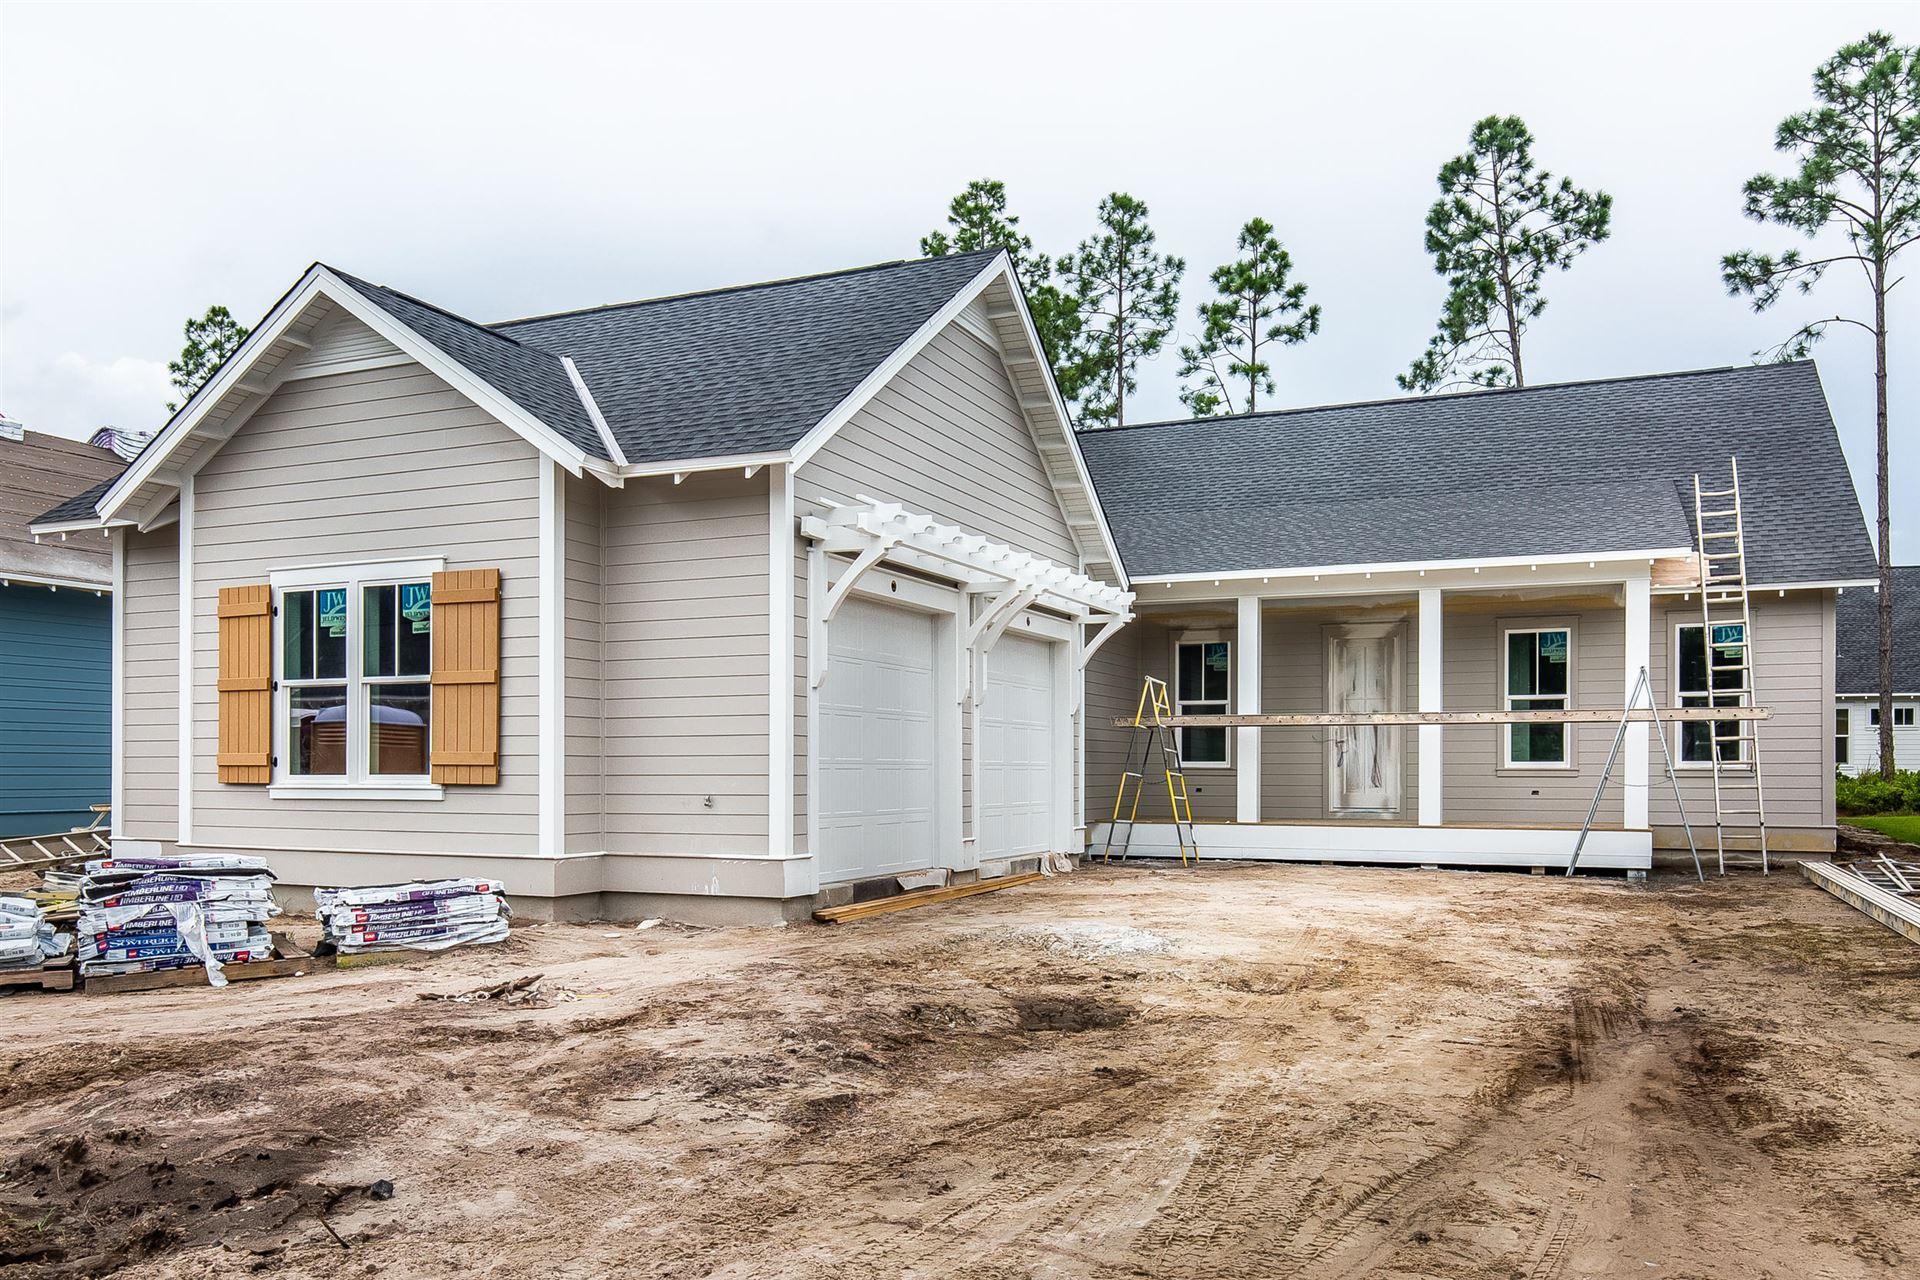 Photo for TBD Trailhead Drive #Lot 64, Watersound, FL 32461 (MLS # 817176)